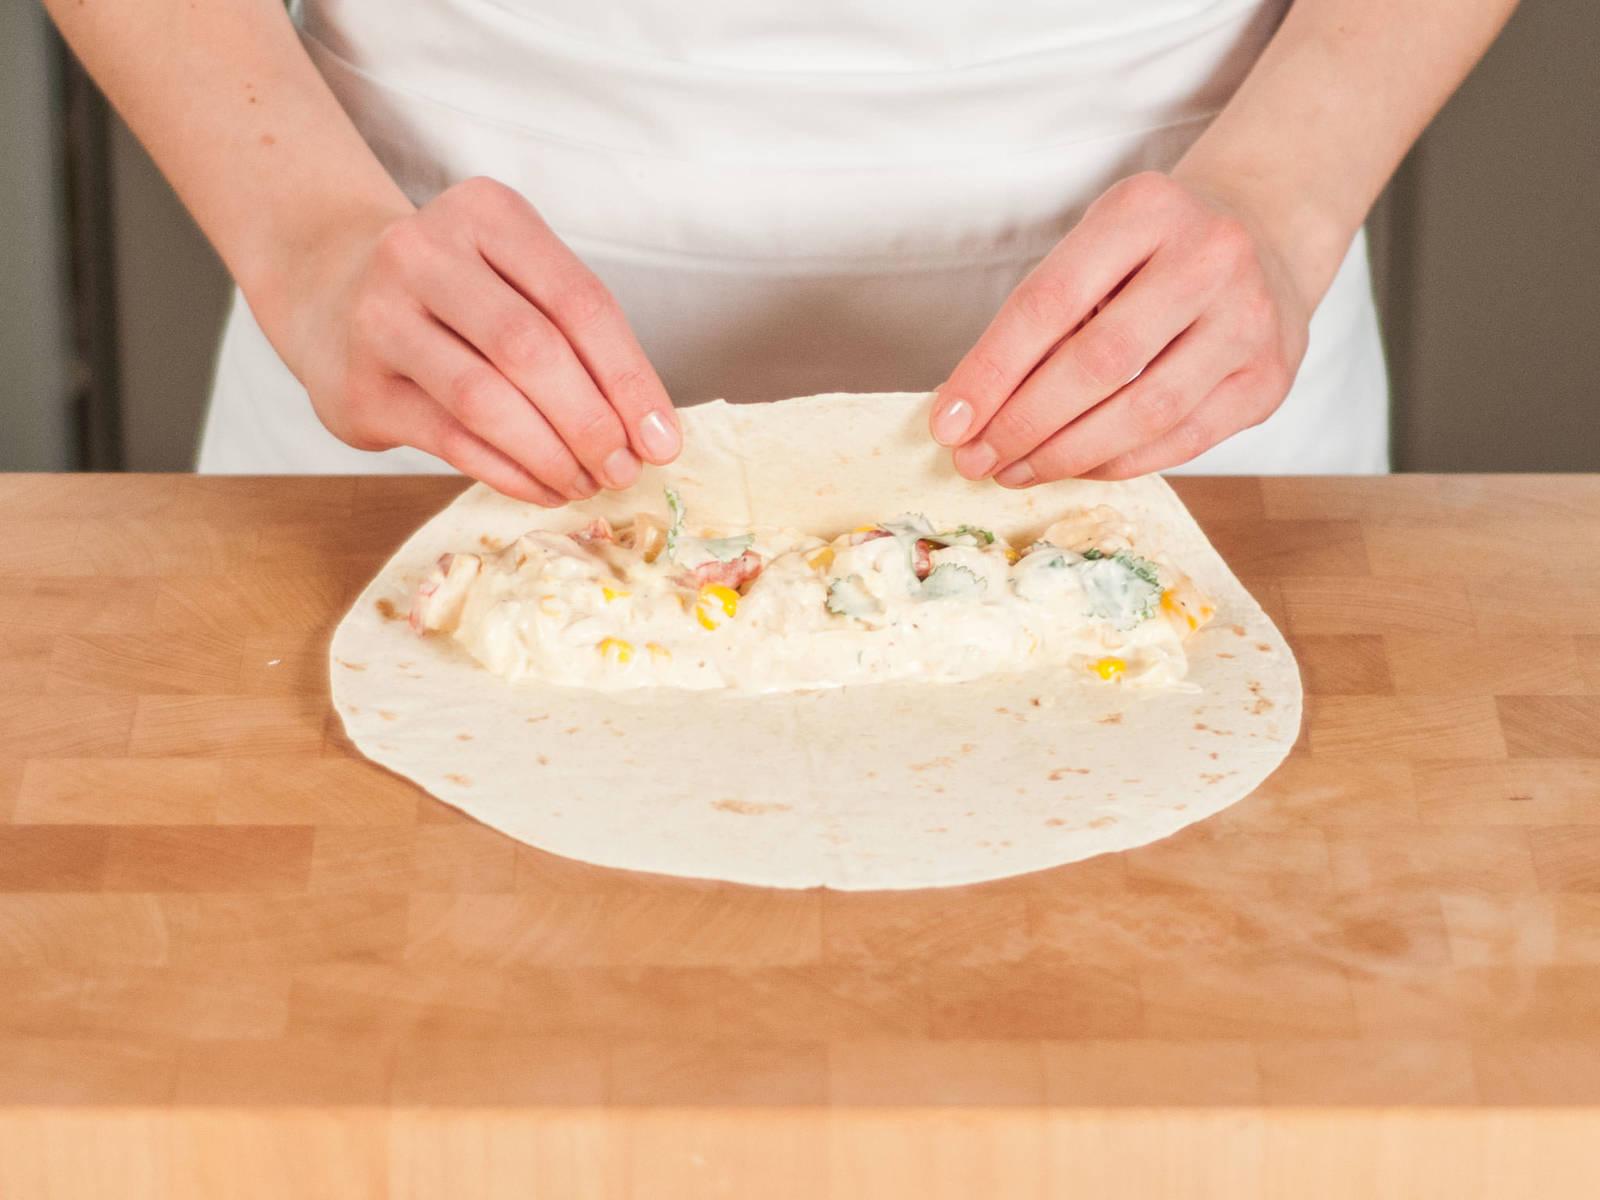 将馅料放在薄饼上,并卷紧。将卷饼放入烤盘中,再将剩余奶酪放在卷饼上,然后放入预热至160摄氏度的烤箱中烤制8-10分钟,直至奶酪融化。即刻享用吧!